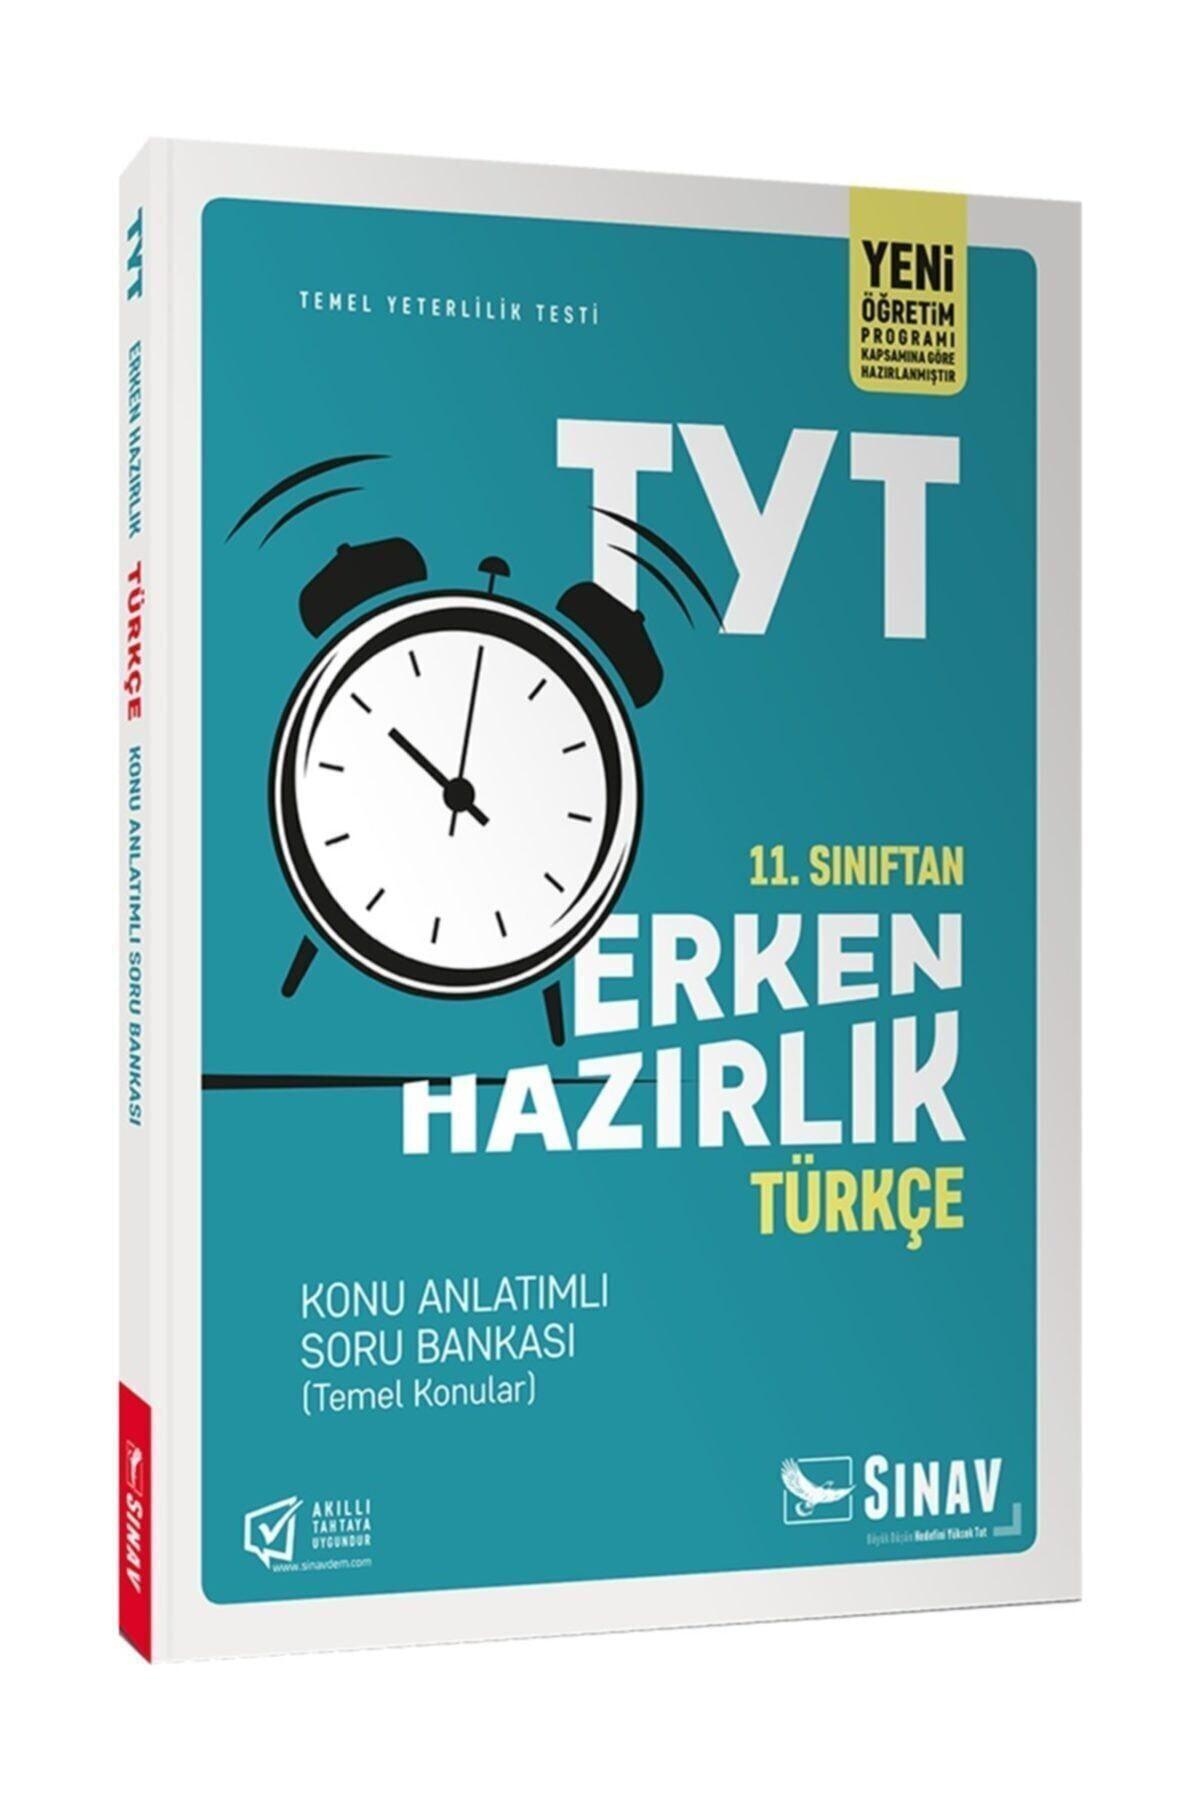 Sınav Yayınları 11. Sınıf Tyt Erken Hazırlık Türkçe Konu Anlatımlı Soru Bankası 1